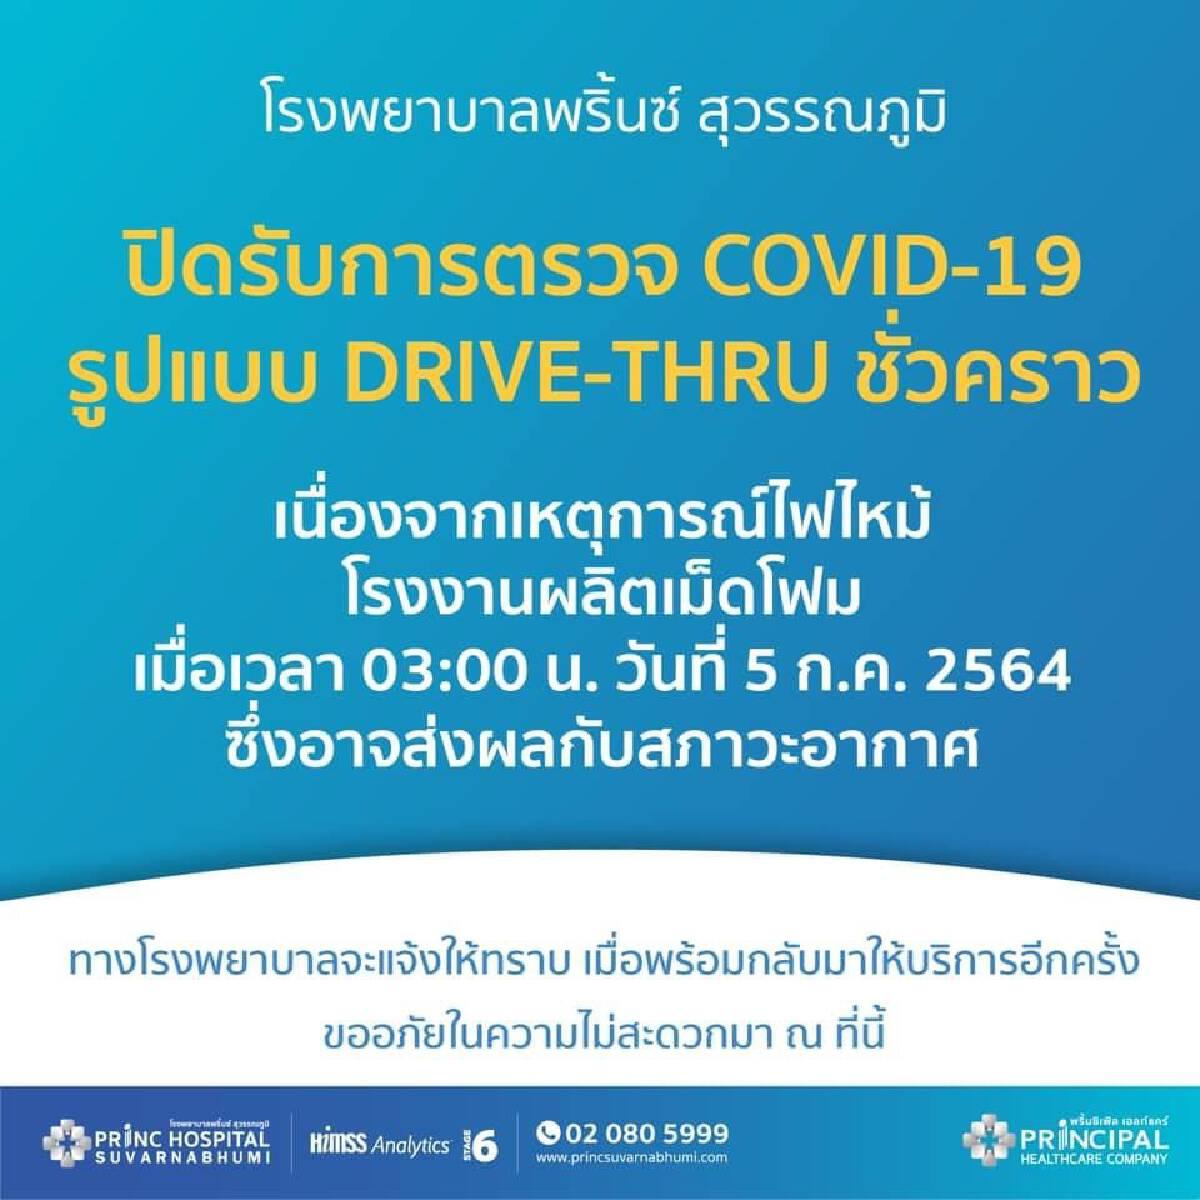 รพ.พริ้นซ์ สุวรรณภูมิ งดตรวจ COVID-19 Drive Thru เหตุไฟไหม้ย่านกิ่งแก้ว